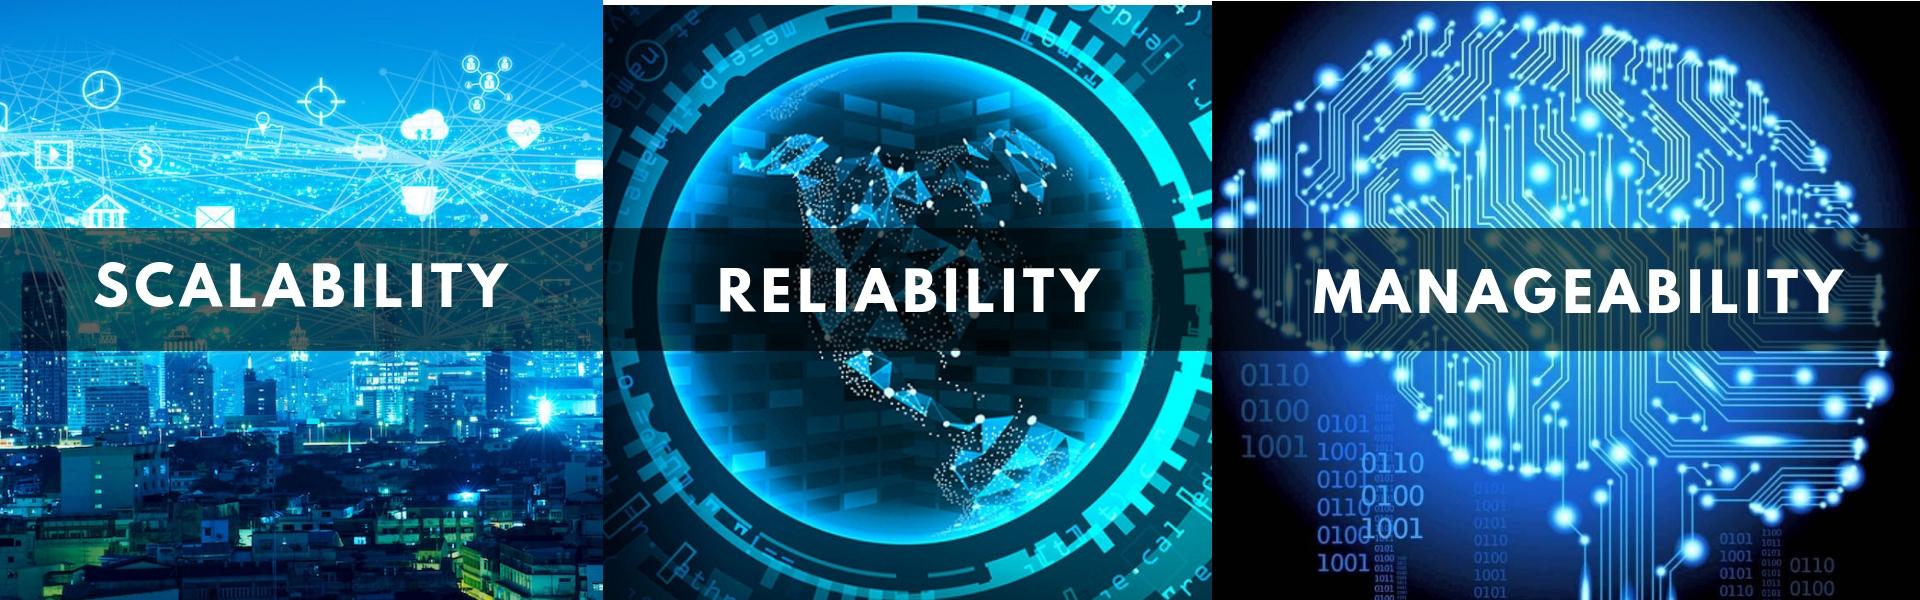 Scalability Reliability Manageability